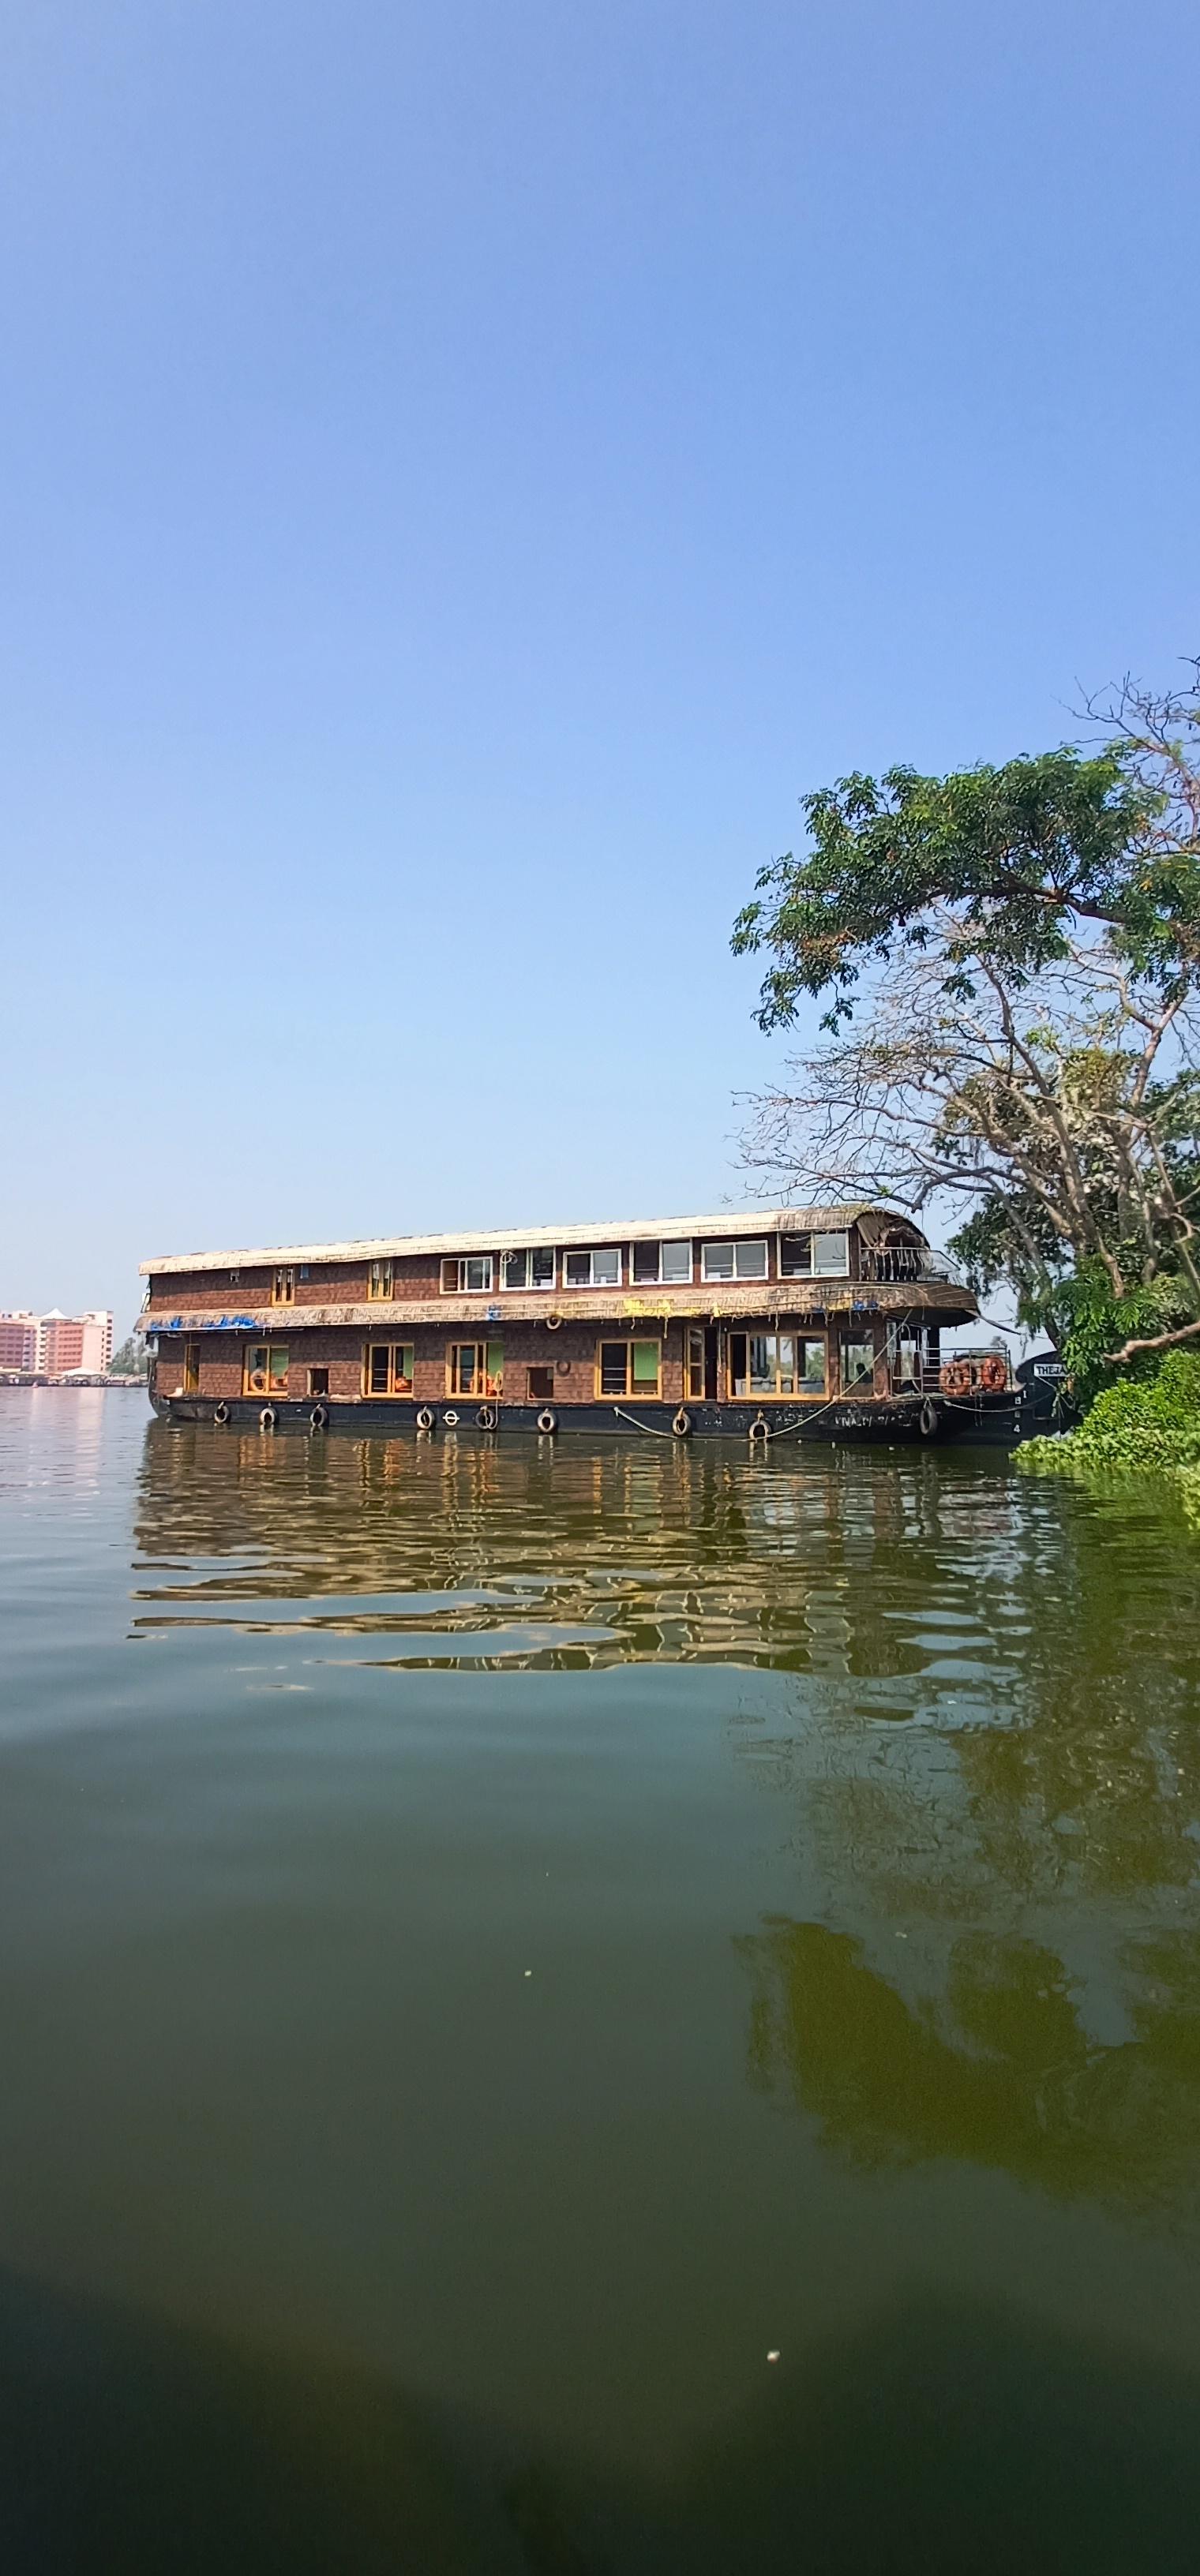 Alleppy_Backwaters_Kerala_2